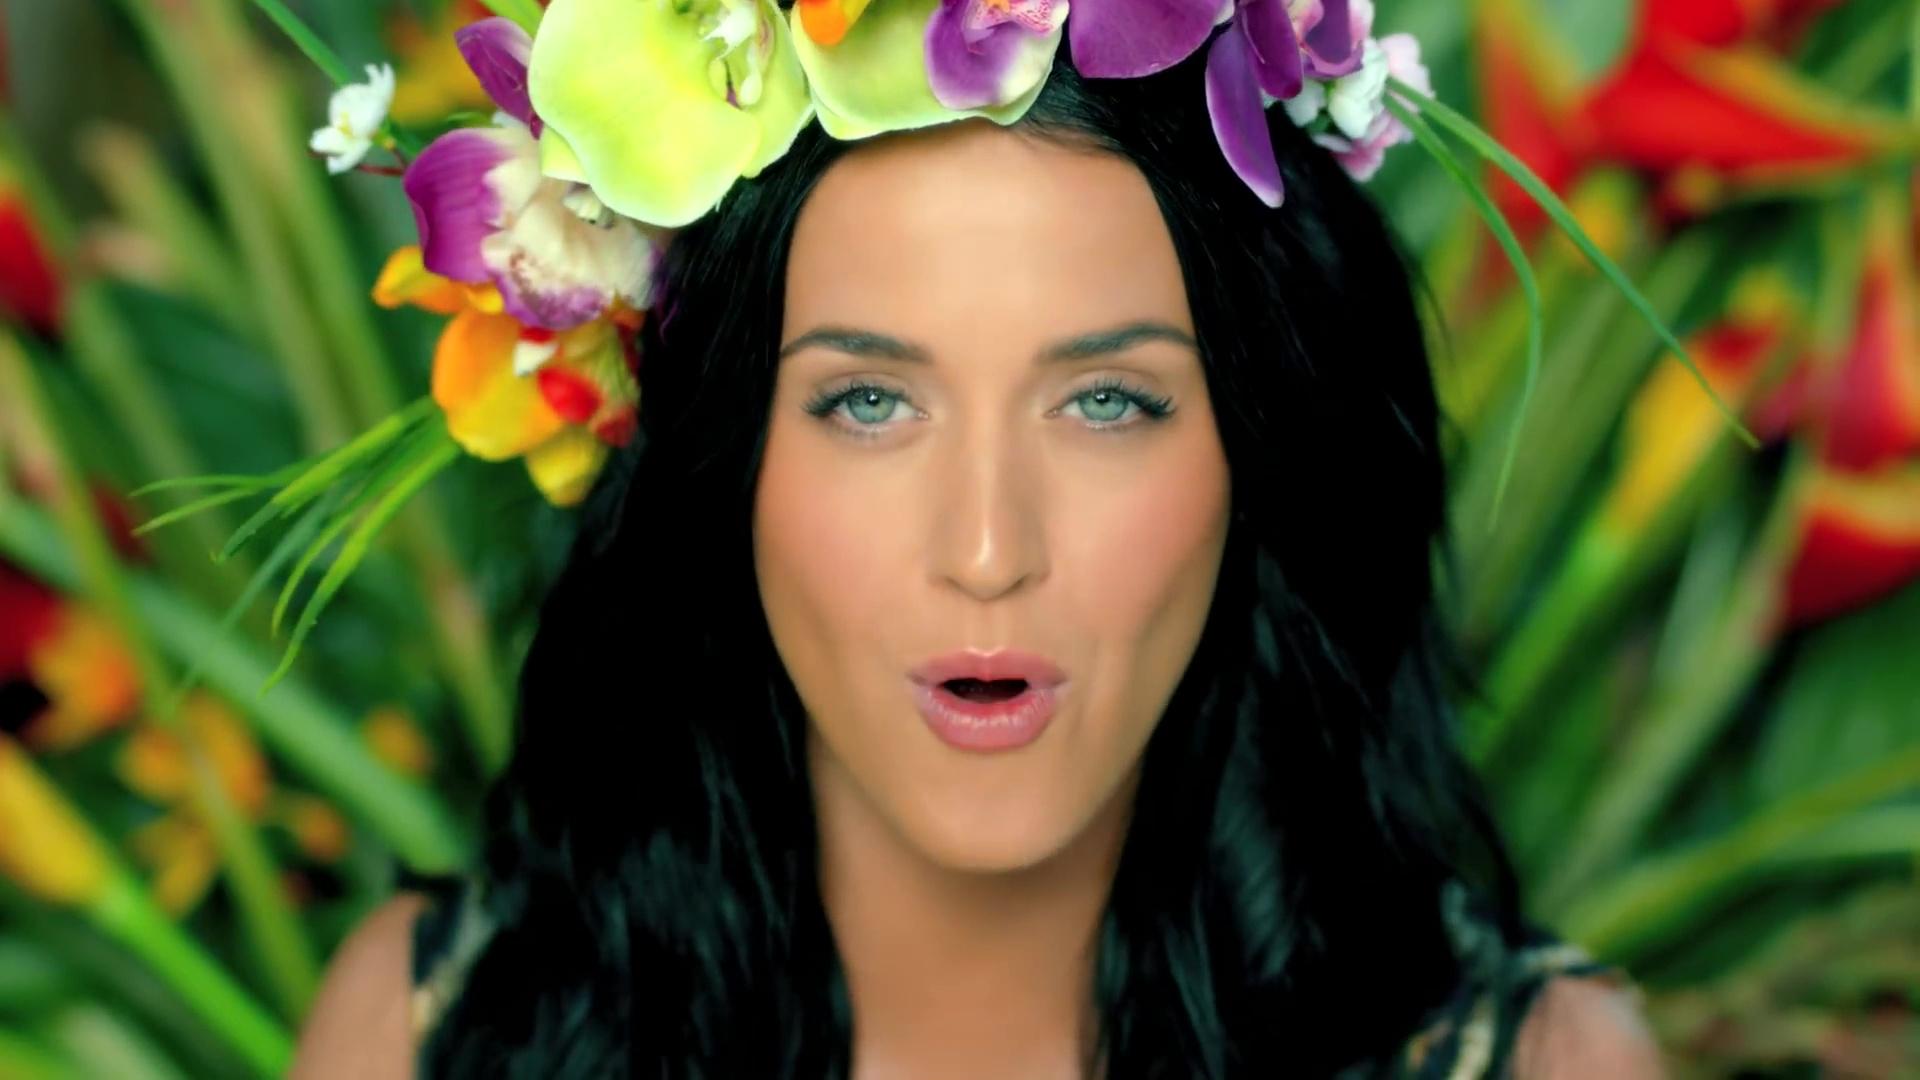 Katy perry roar hd